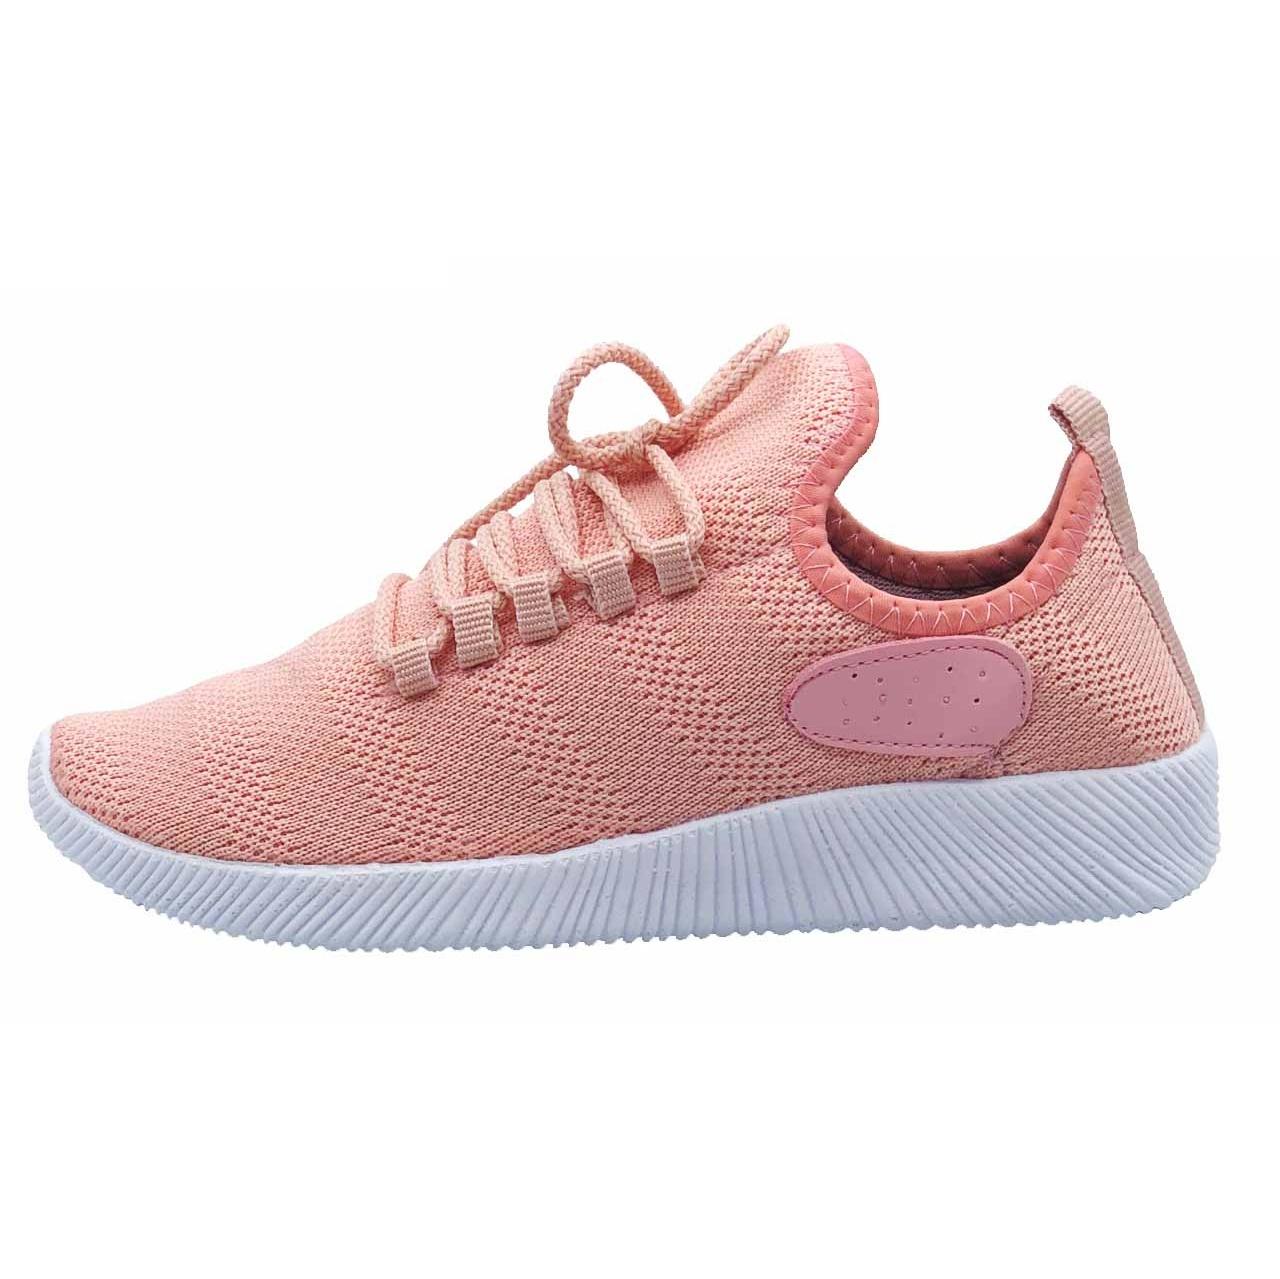 کفش مخصوص پیاده روی زنانه کد 9221